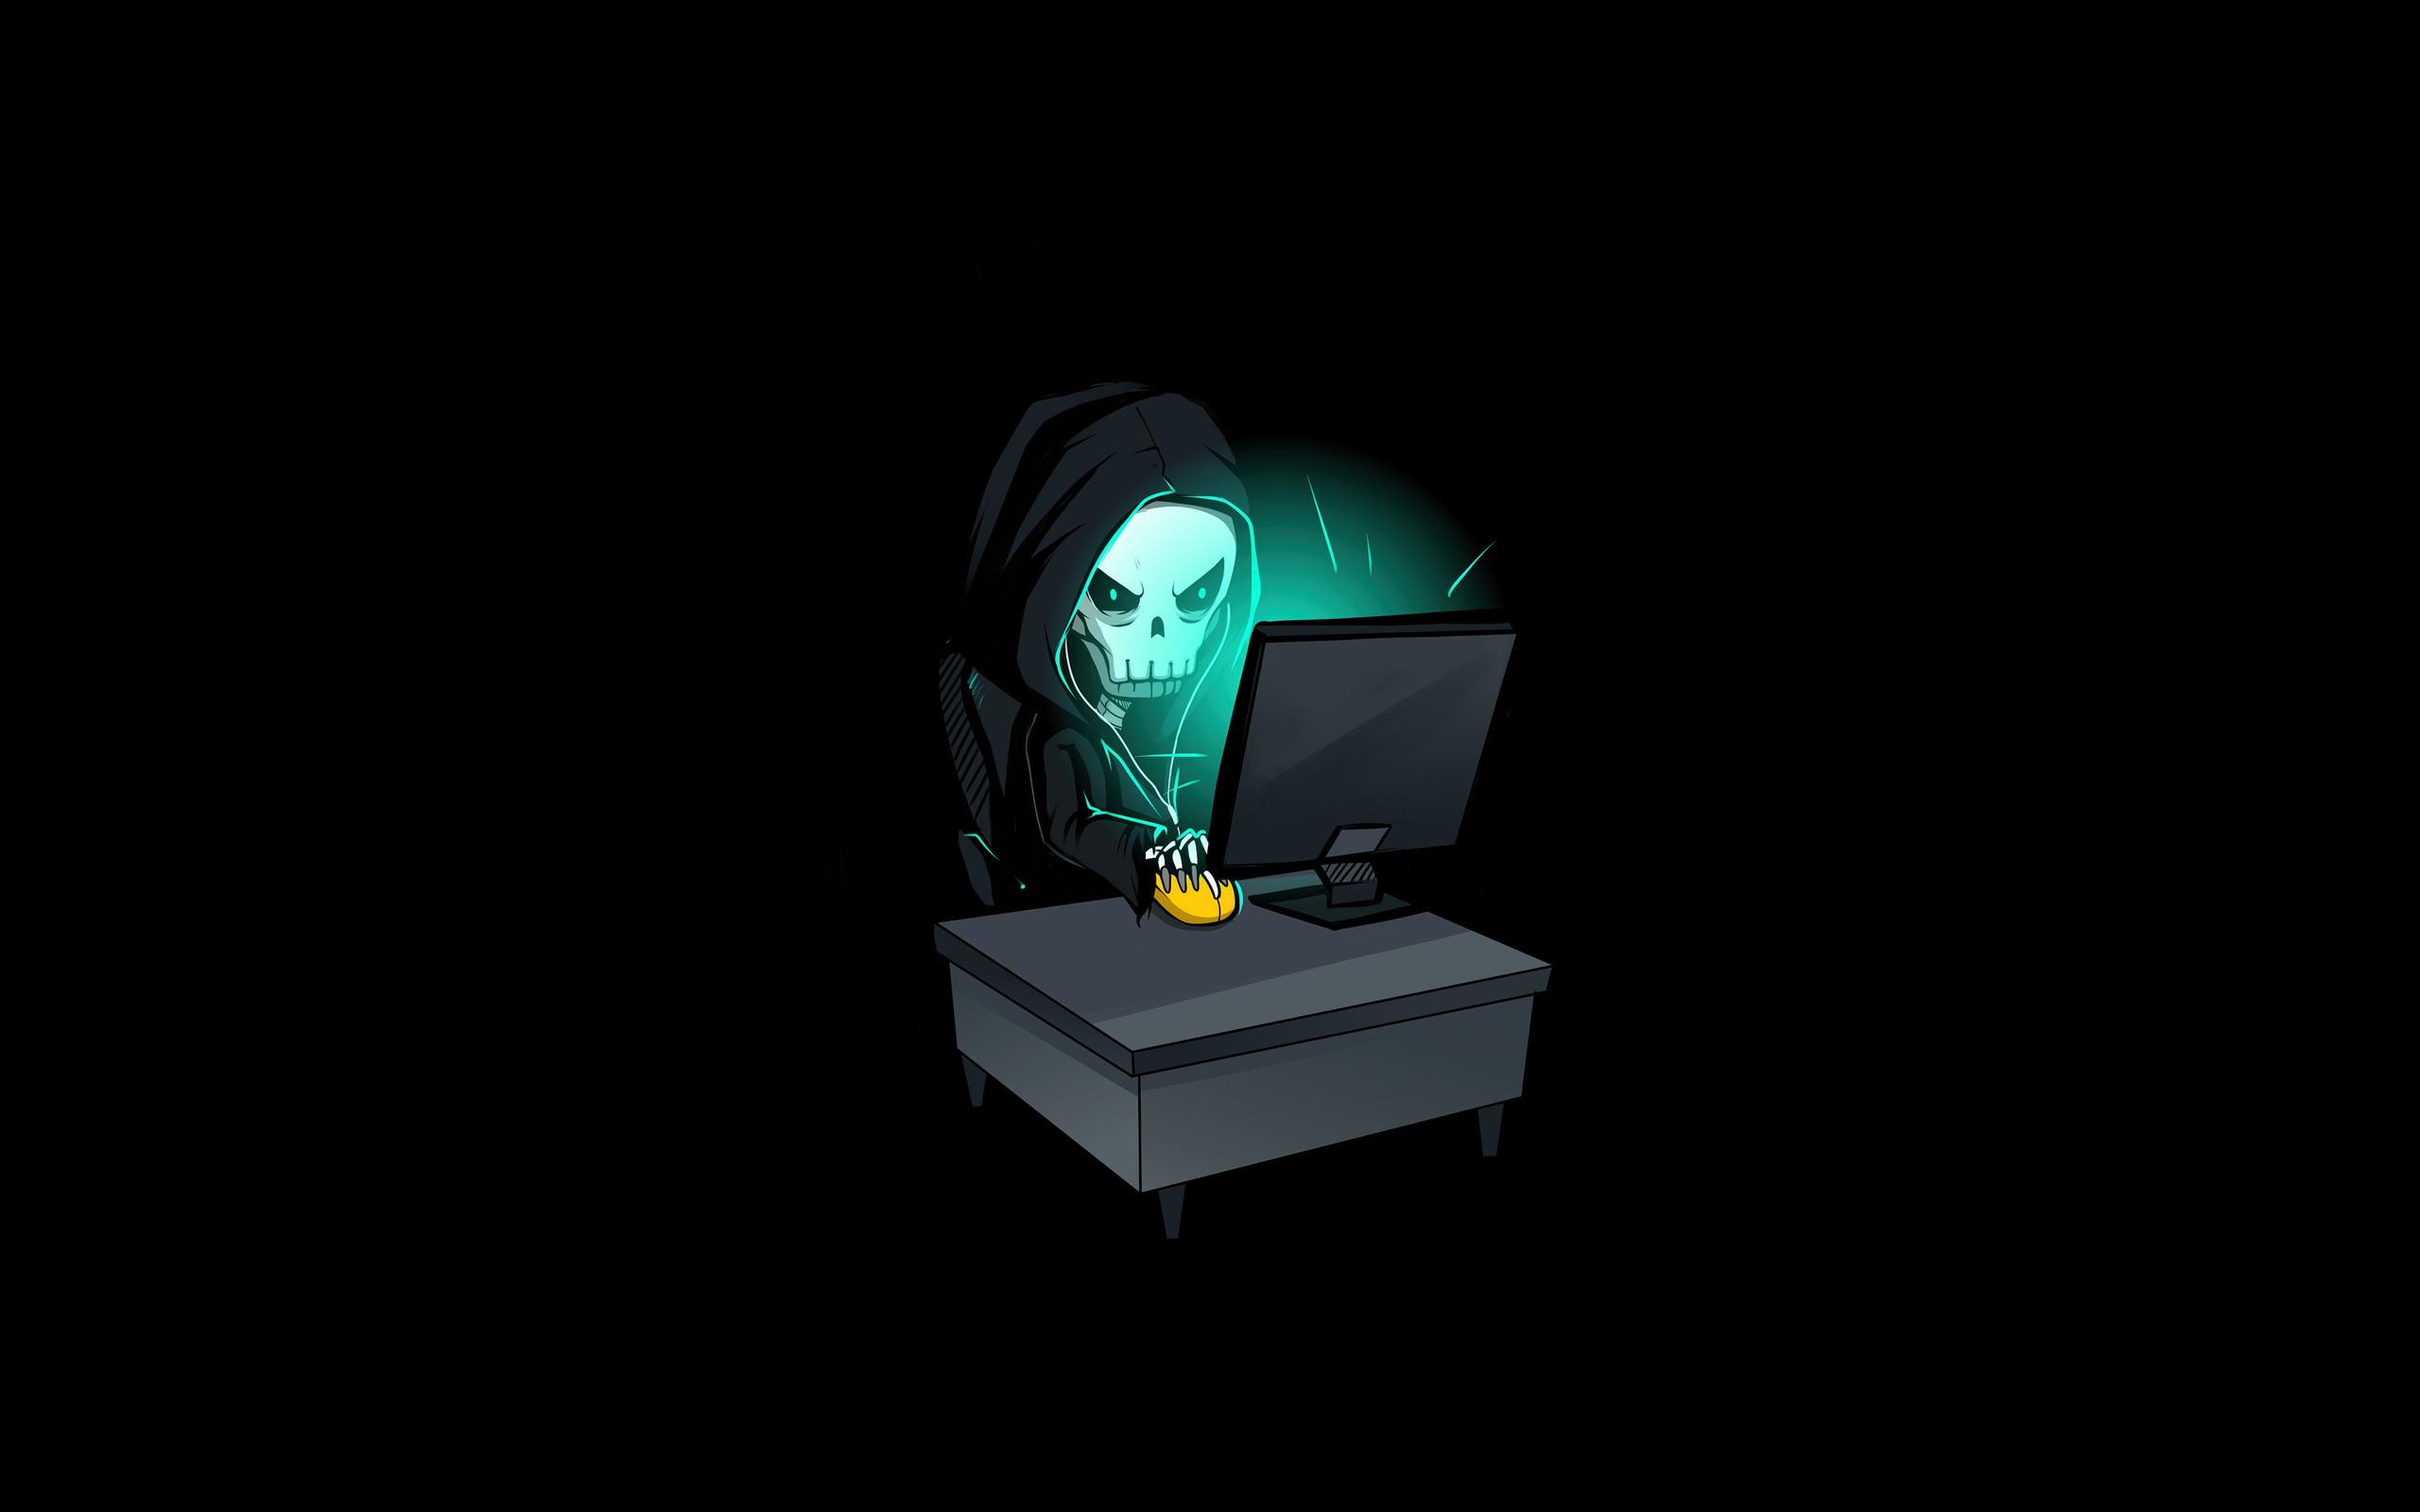 skull-hacking-time-4k-rh.jpg